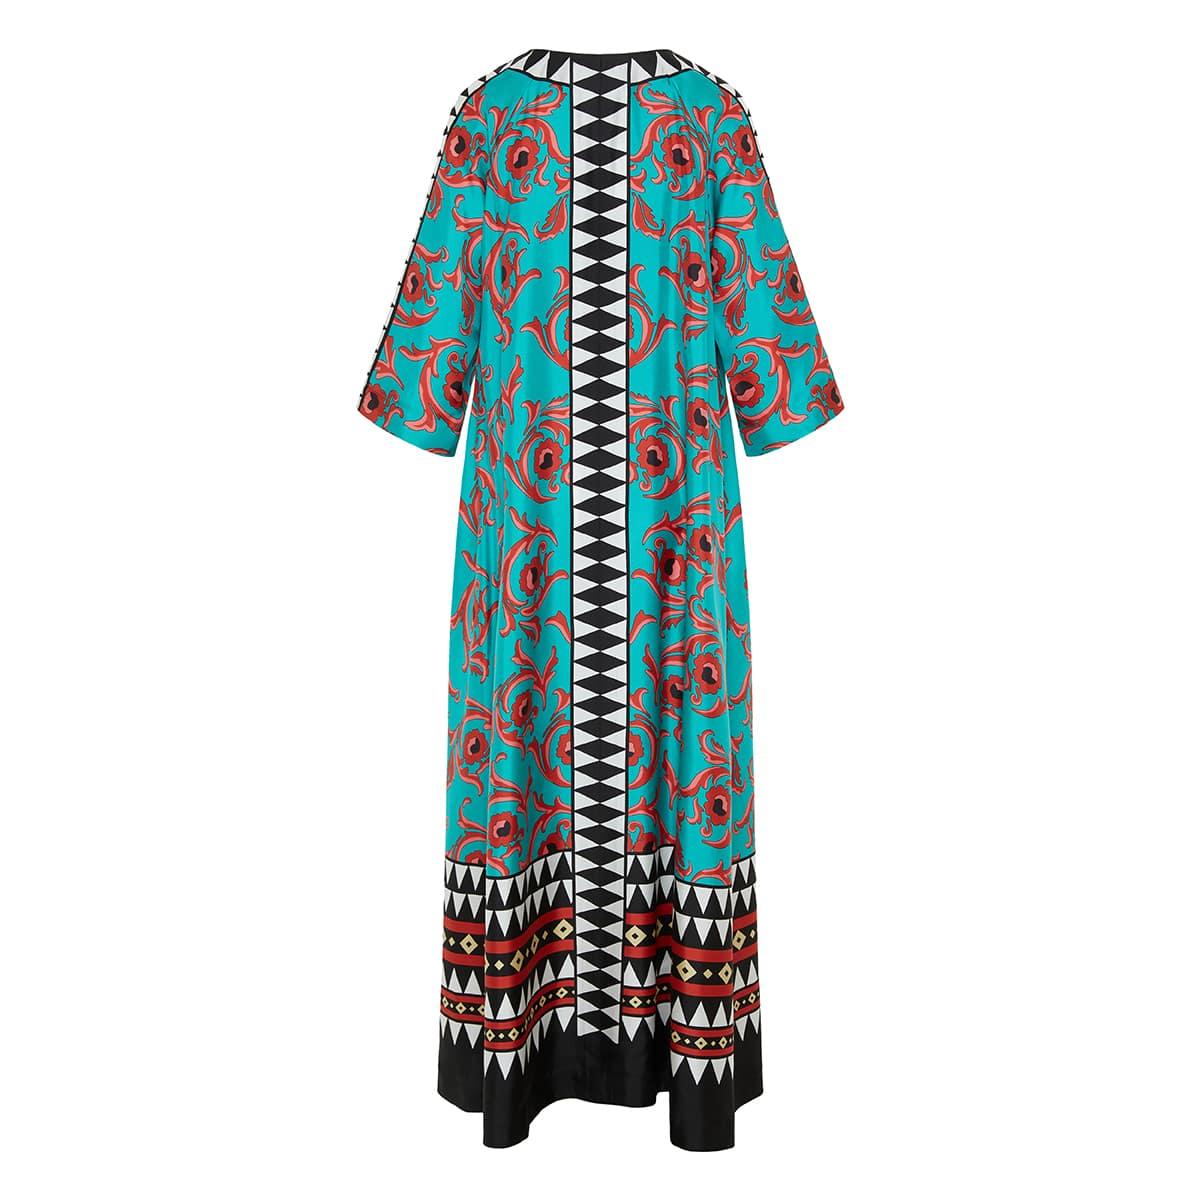 Muumuu printed long kaftan dress